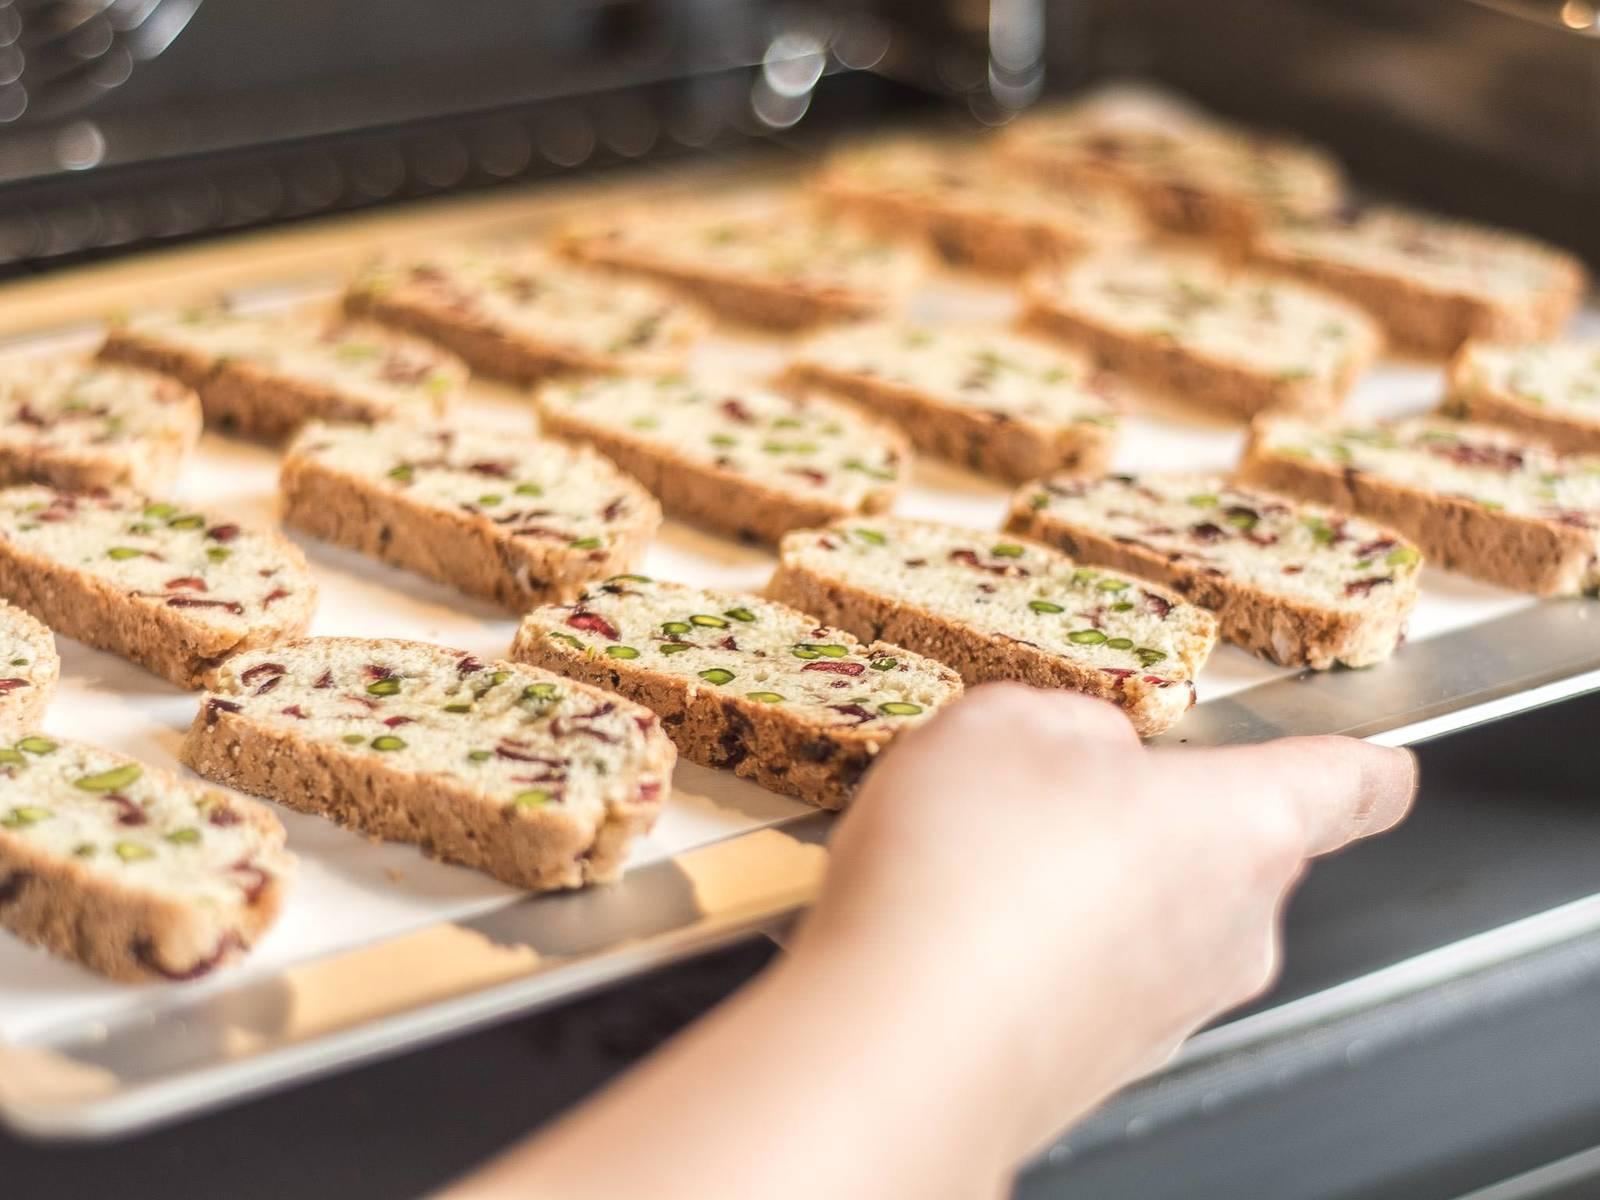 Die Biscotti für ca. weitere 8 Min. auf einem ausgelegten Backblech im vorgeheizten Ofen bei 200°C kross backen. Vor dem Verzehr für ca. mindestens 15 Min. auskühlen lassen. Mit der selbst gemachten Marmelade reichen.